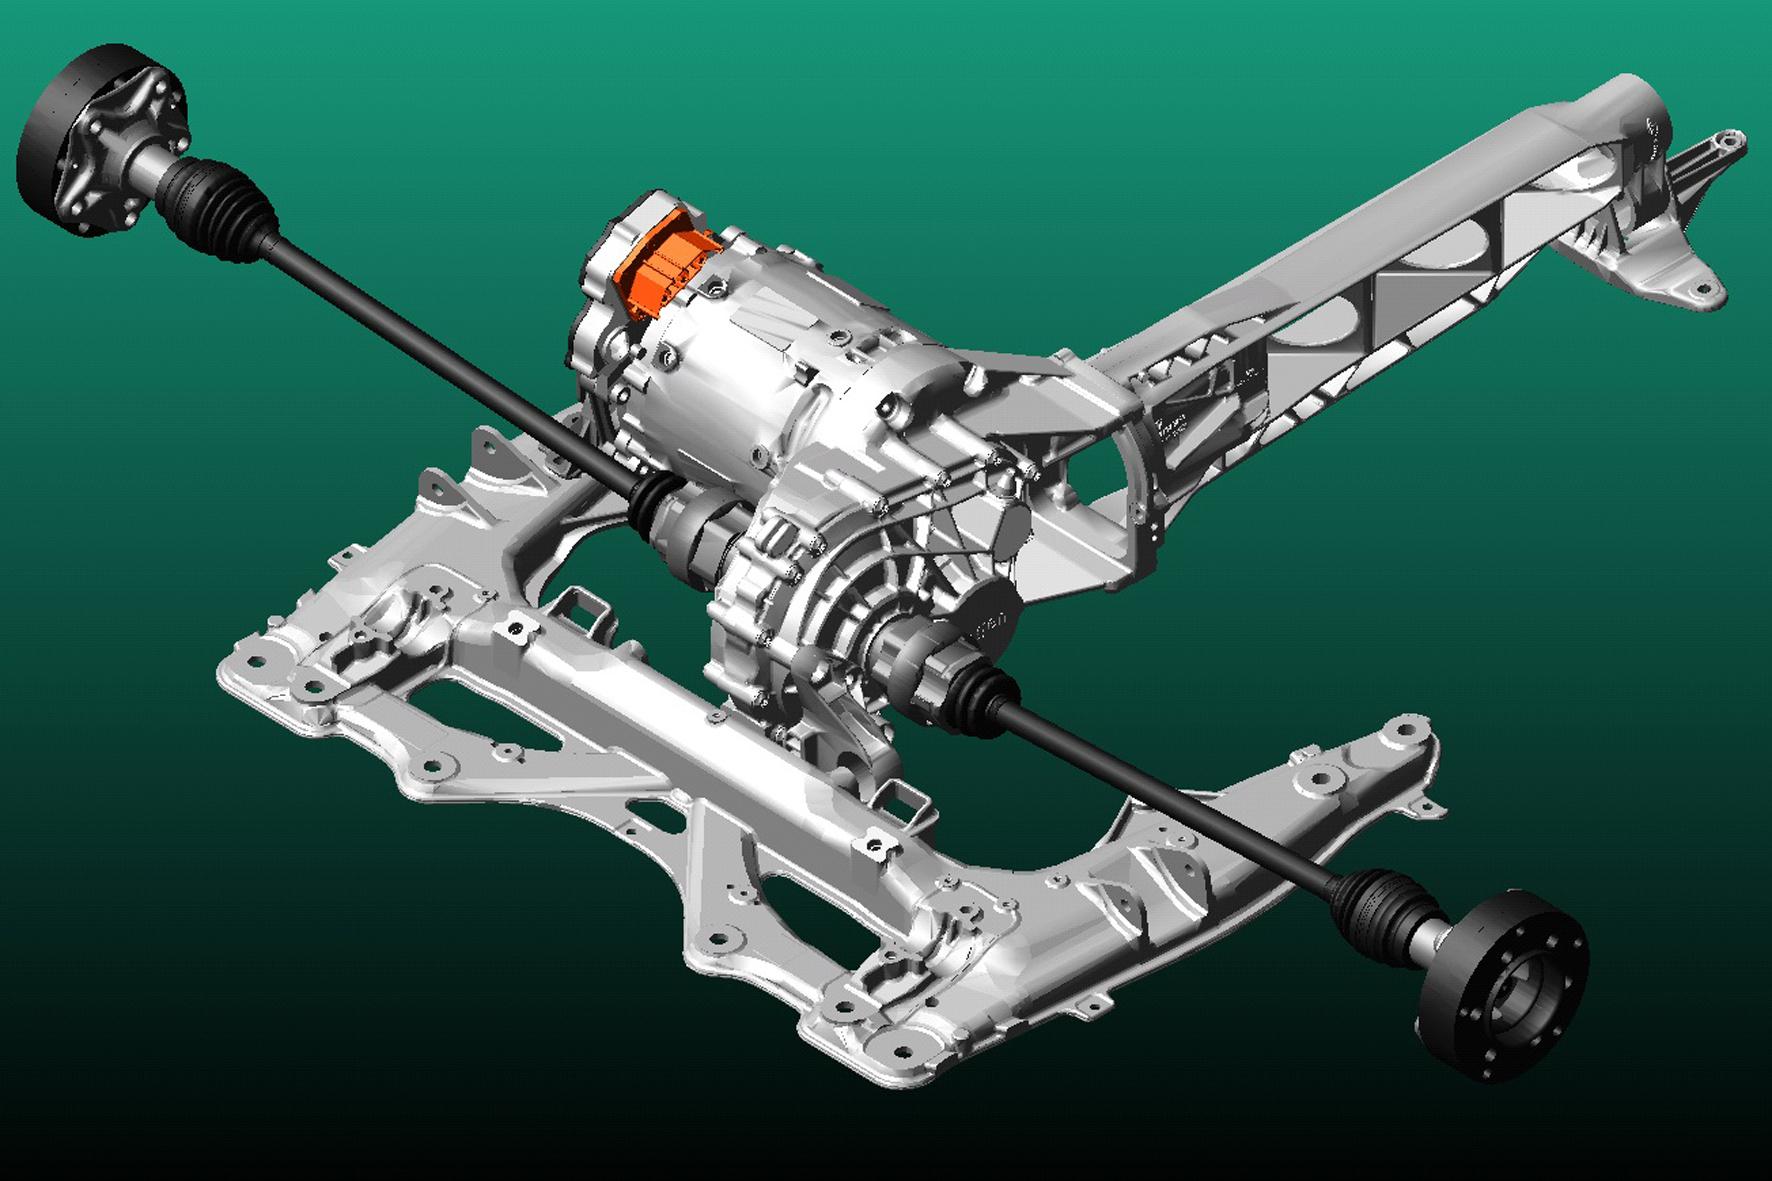 mid Düsseldorf - Zukunftsmusik: Mit dem Mehrkörper-Simulationsmodell eines elektrischen Antriebsstrangs können Erkenntnisse für die Fertigung einer neuen Elektrofahrzeug-Generation gewonnen werden.